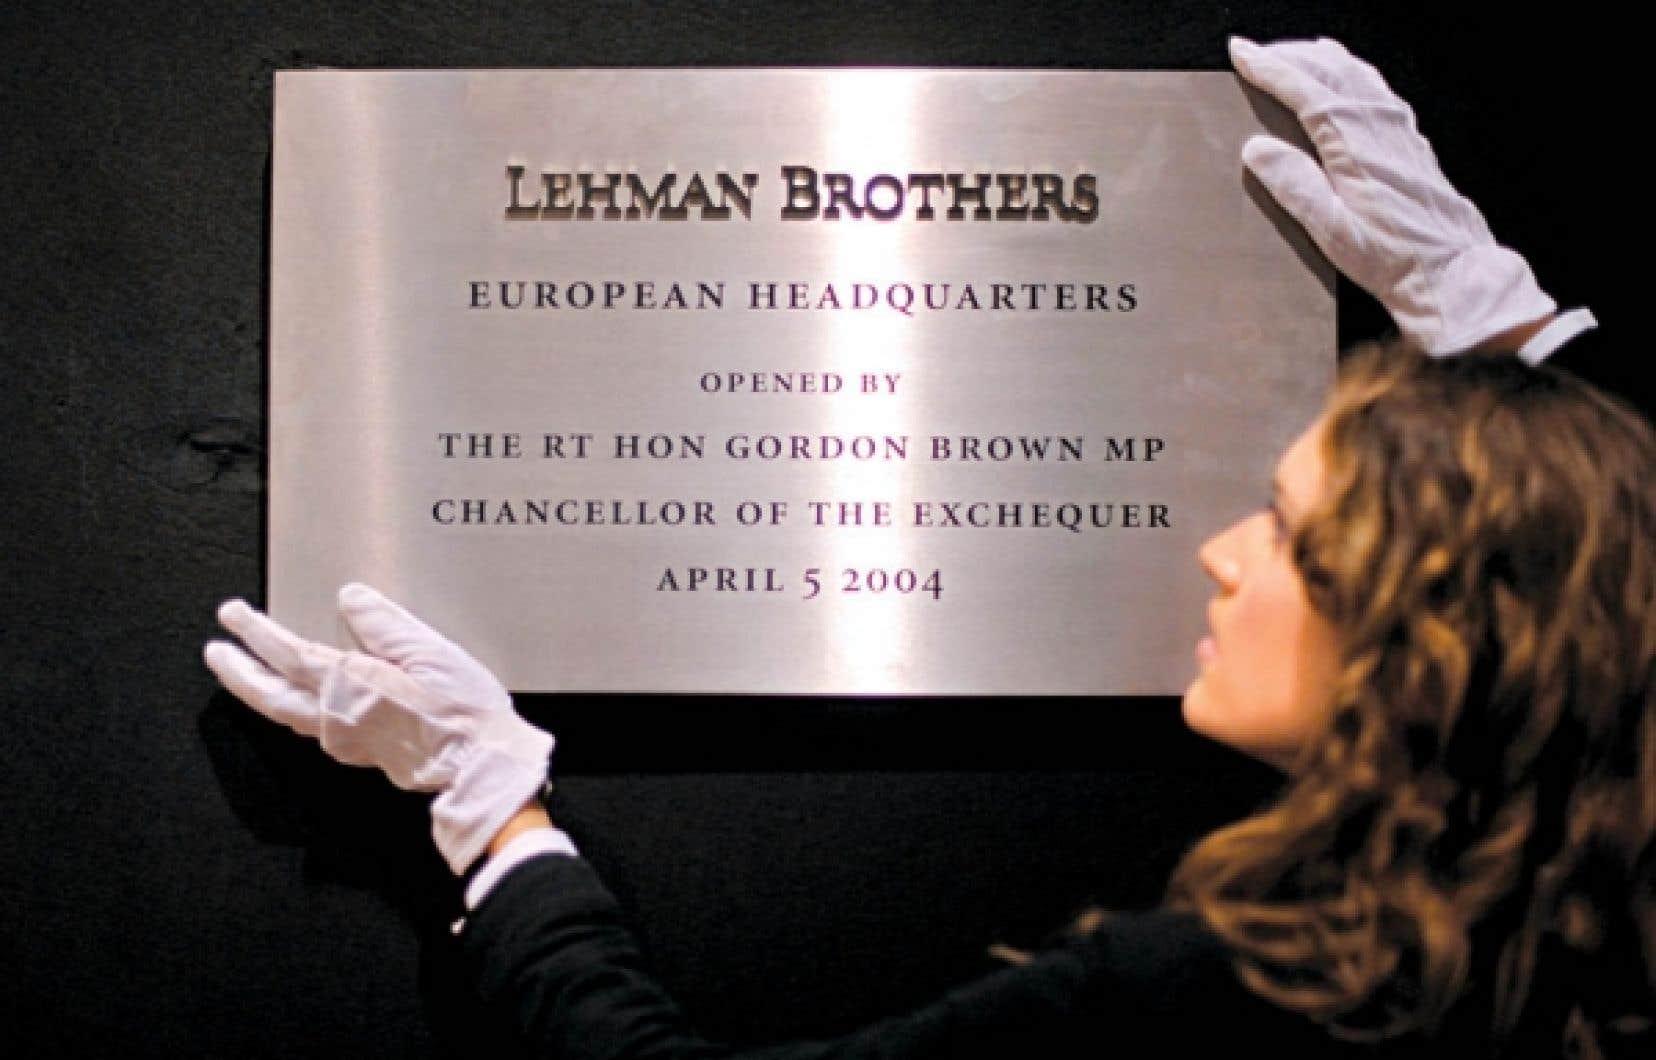 24 septembre 2010: vente aux enchères chez Christie's de ce qui reste de Lehman Brothers.<br />